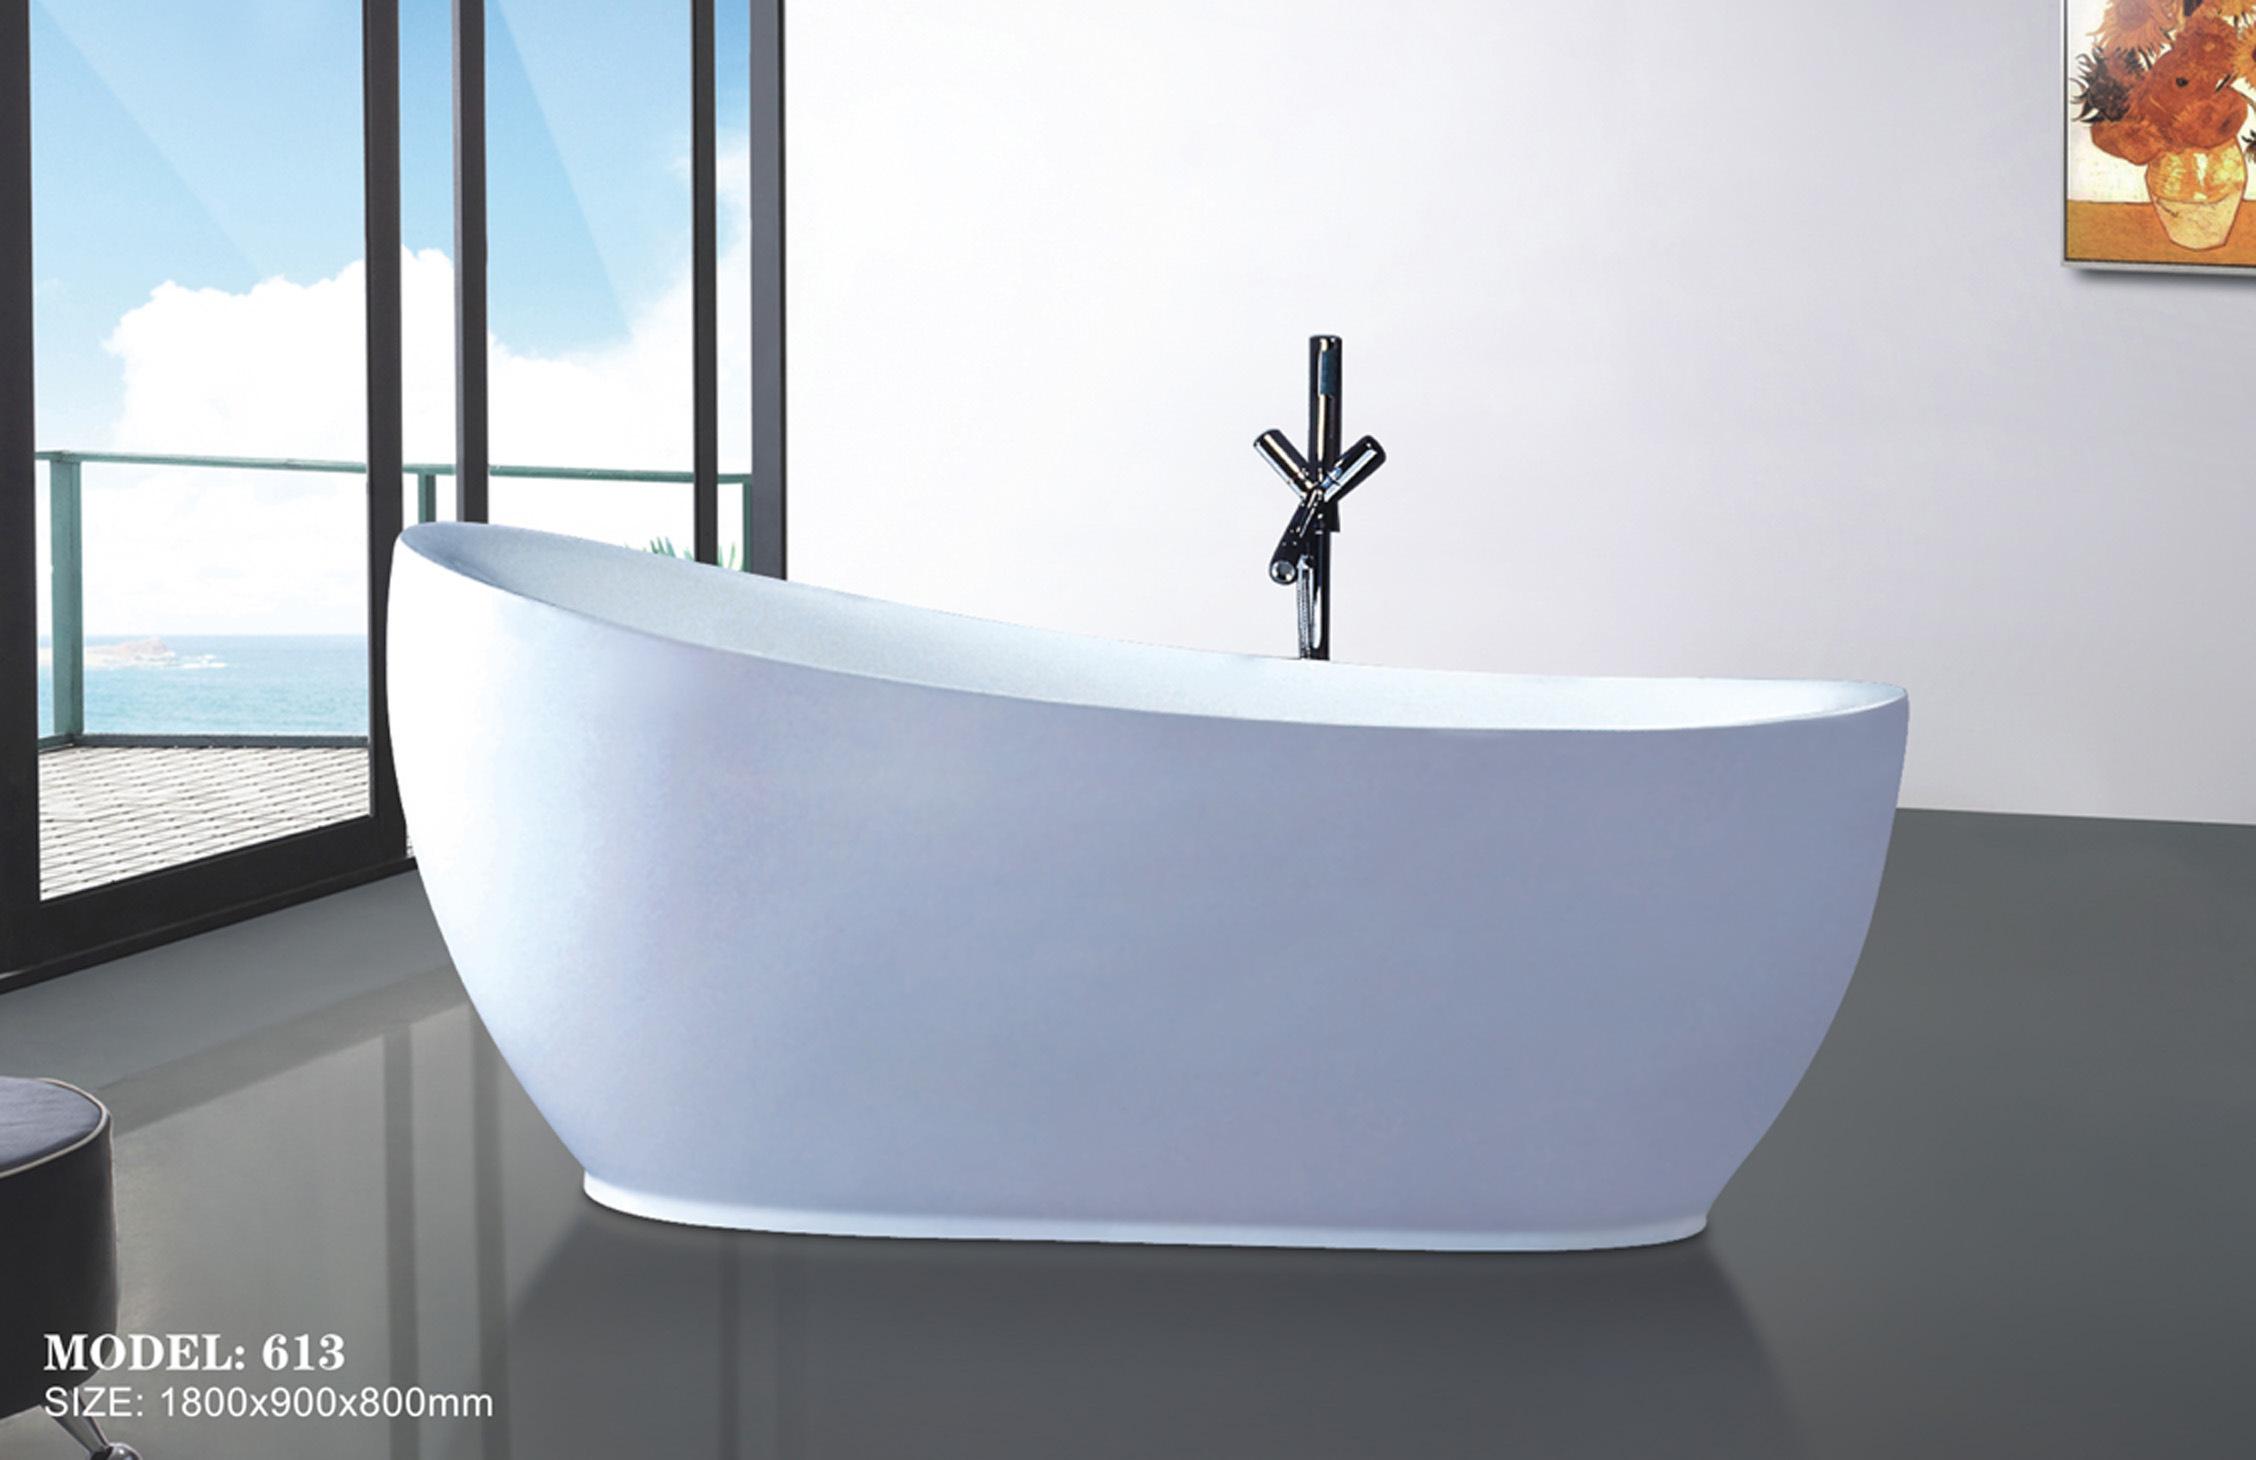 Hot Sell Freestanding Bathtub Tub (613) - China Bathtub ...